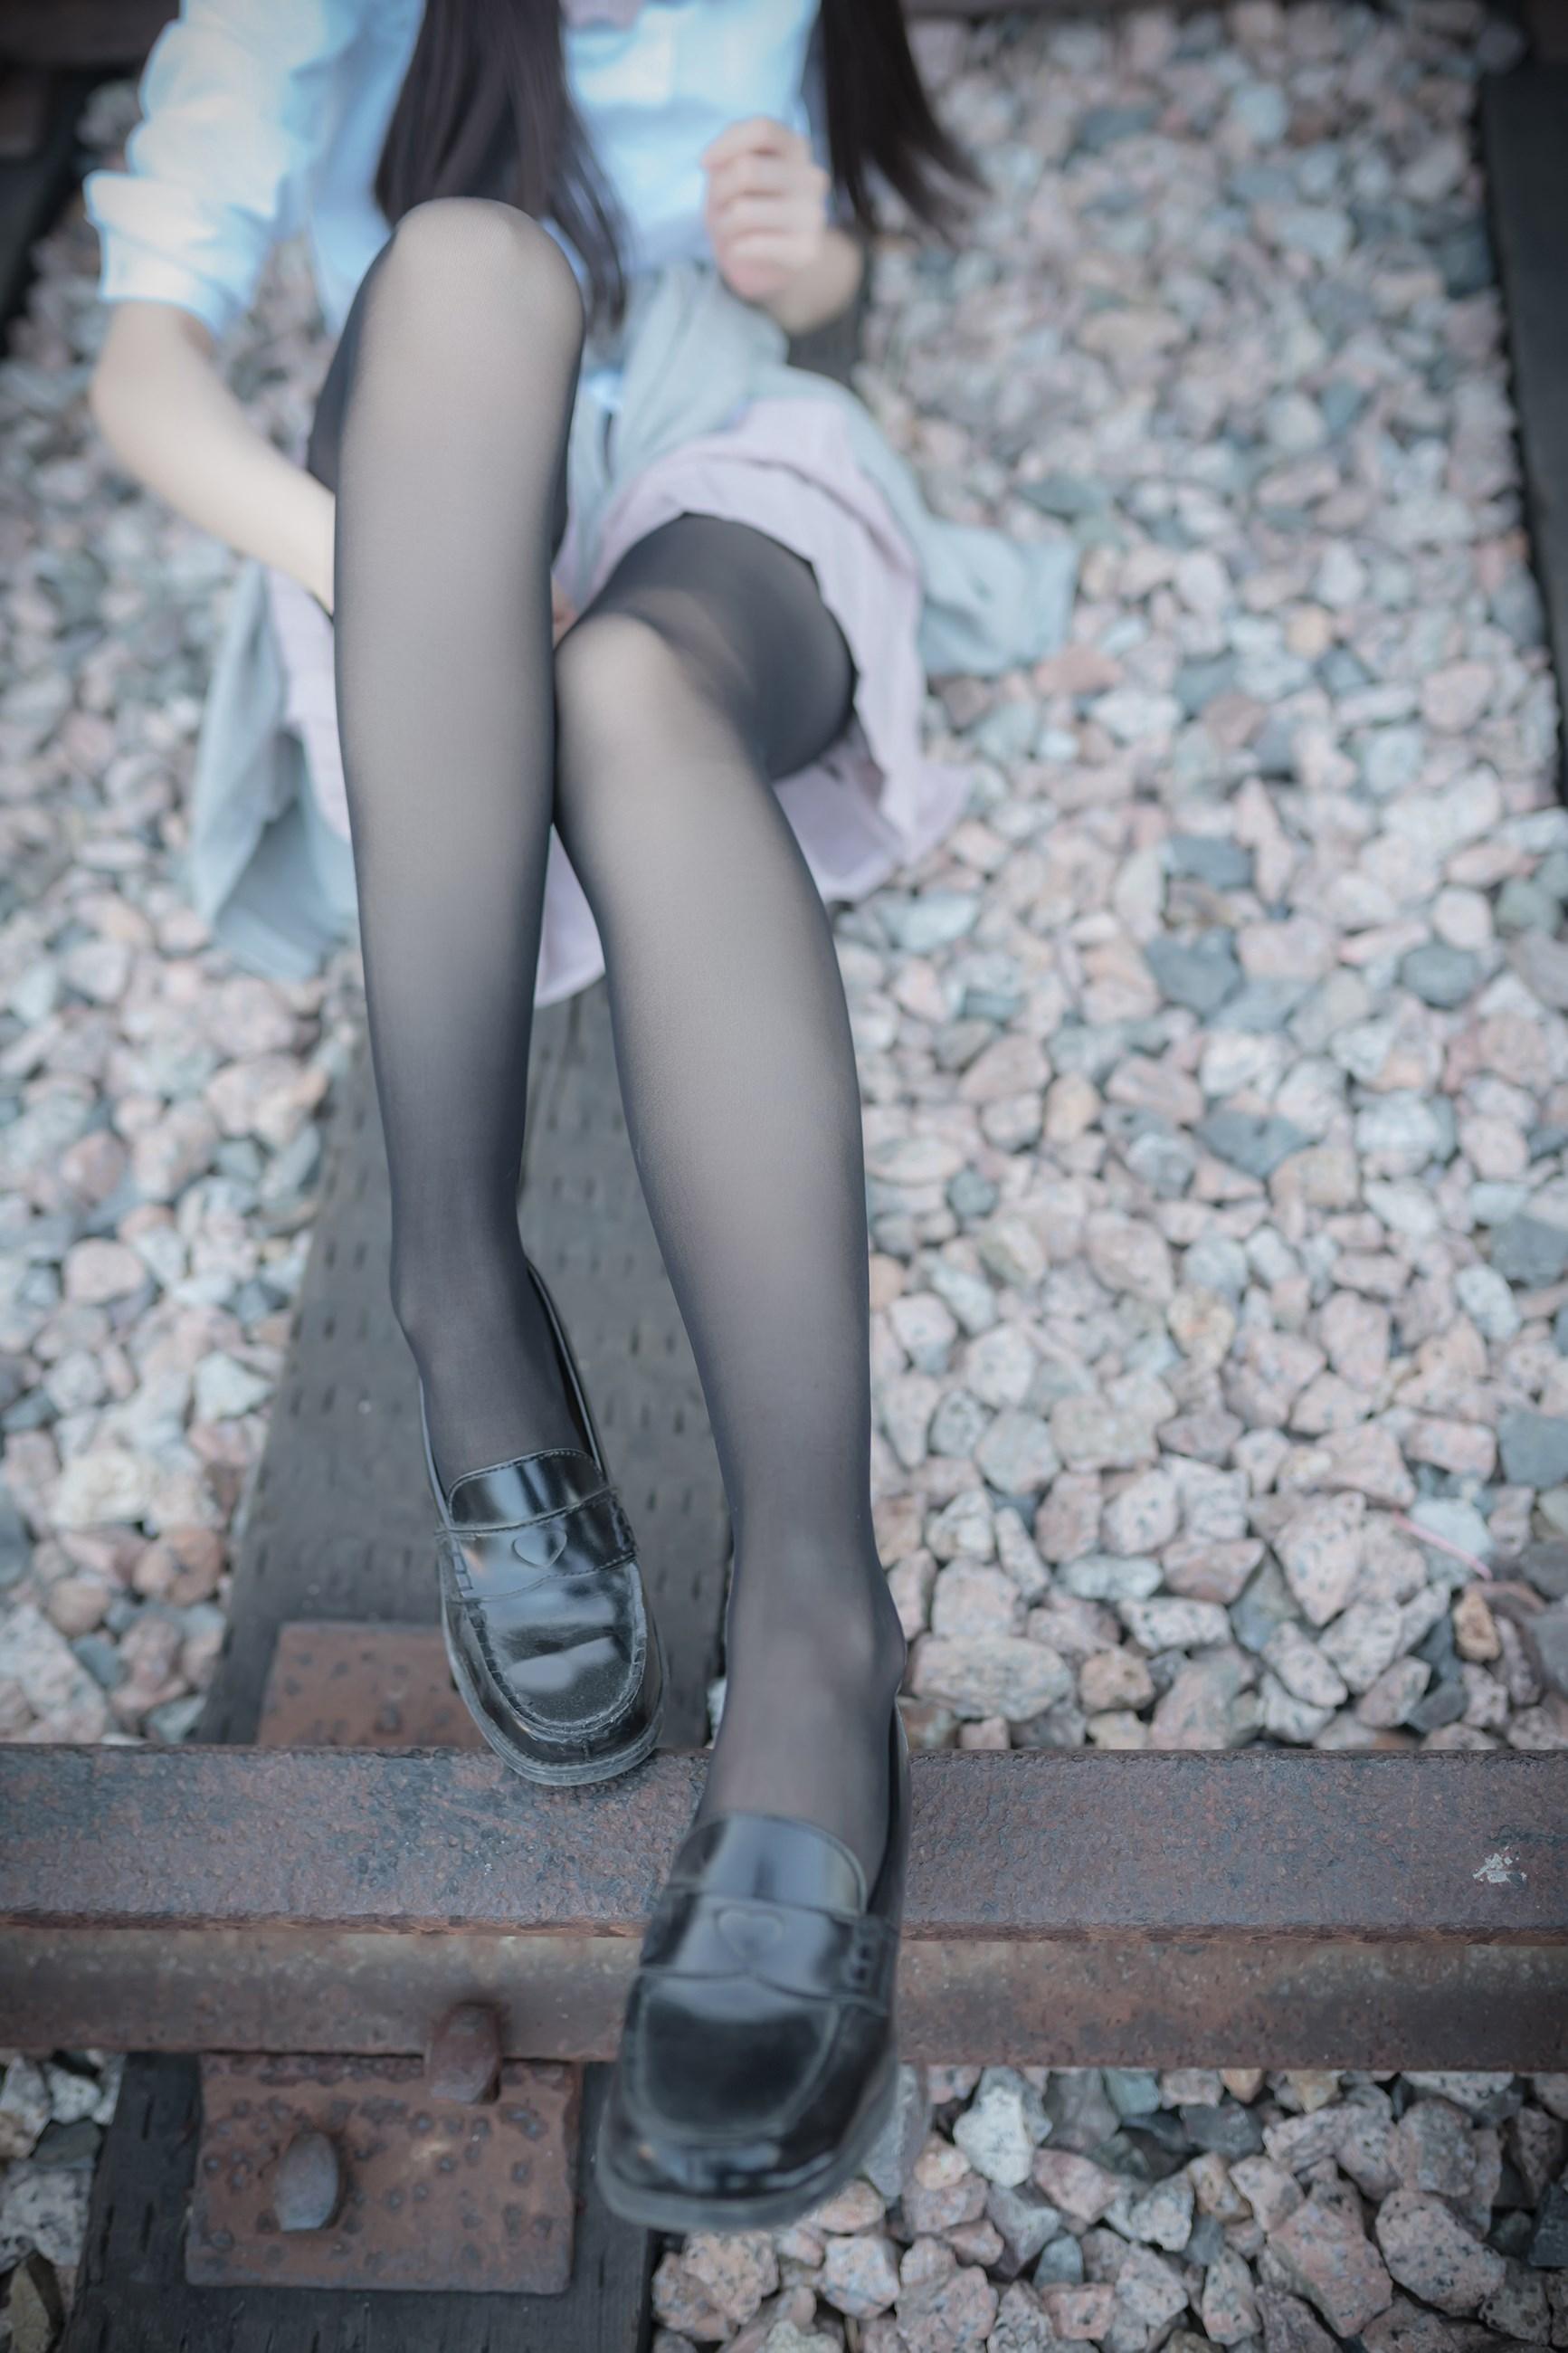 【兔玩映画】铁轨旁的小细腿 兔玩映画 第45张